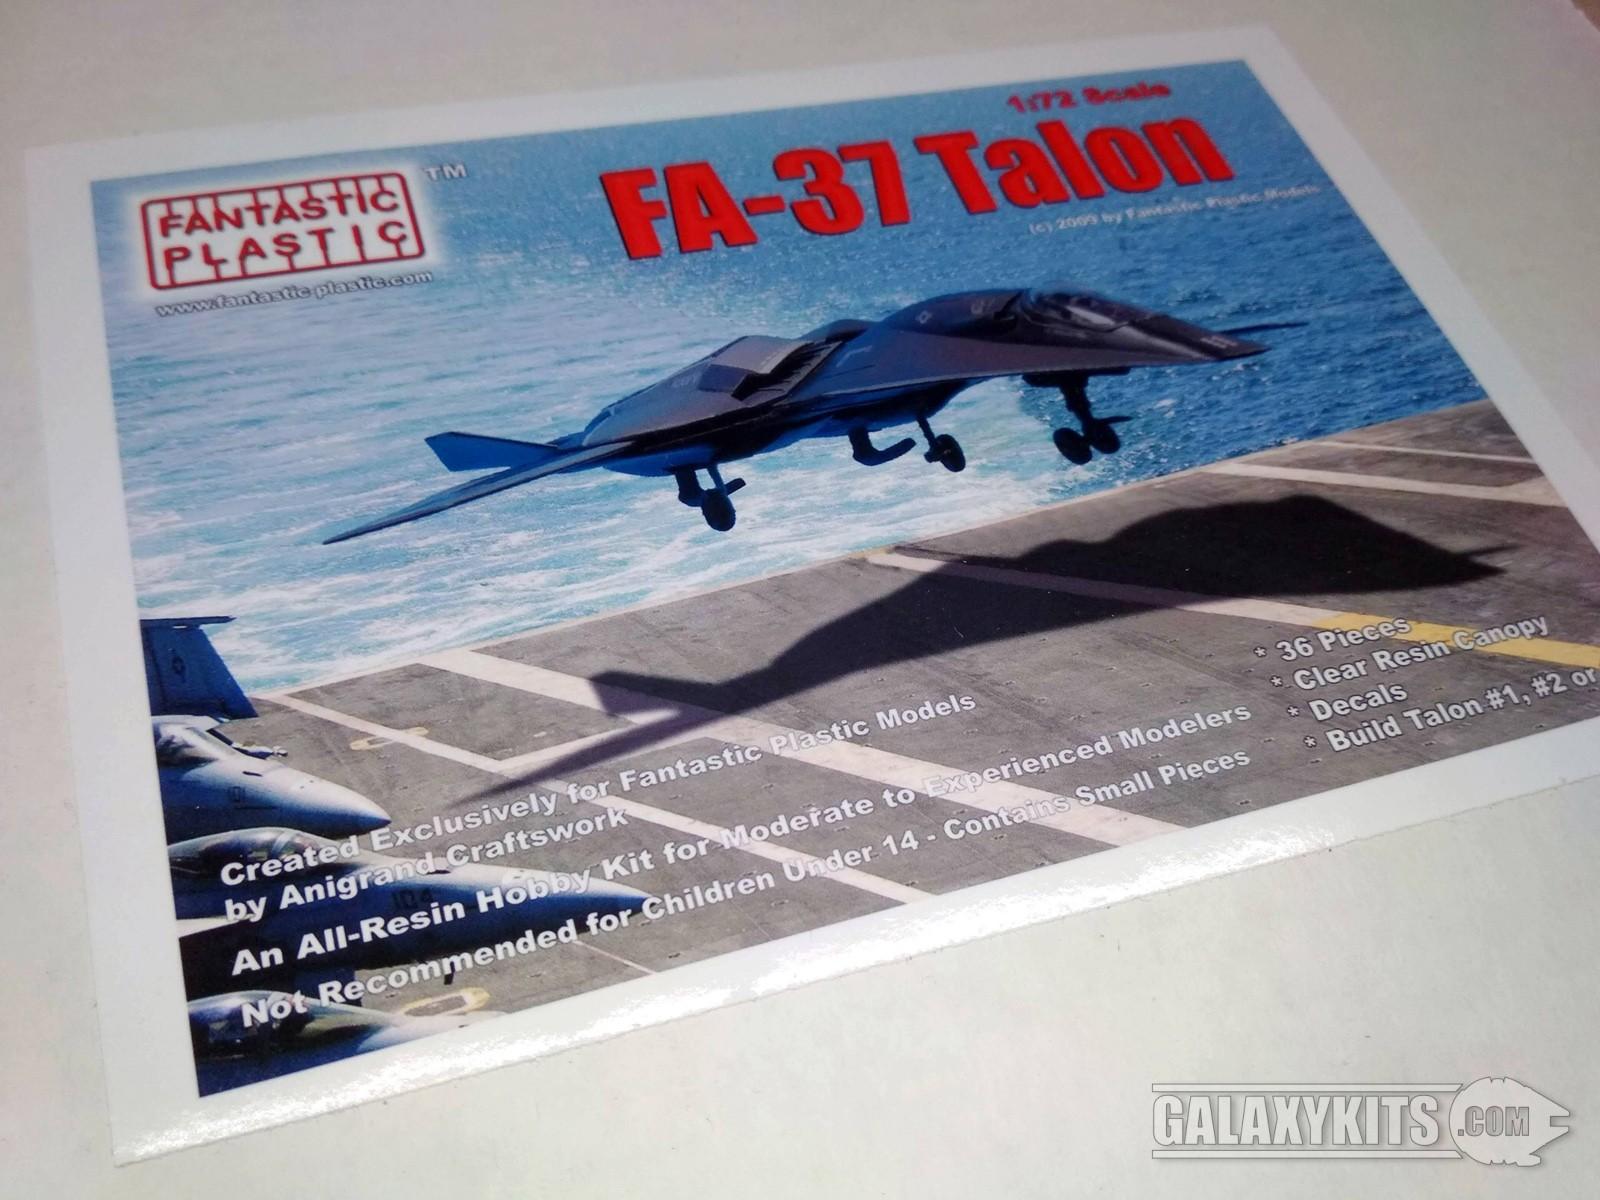 FA-37 Talon / 1:72 / Fantastic plastic/Anigrand